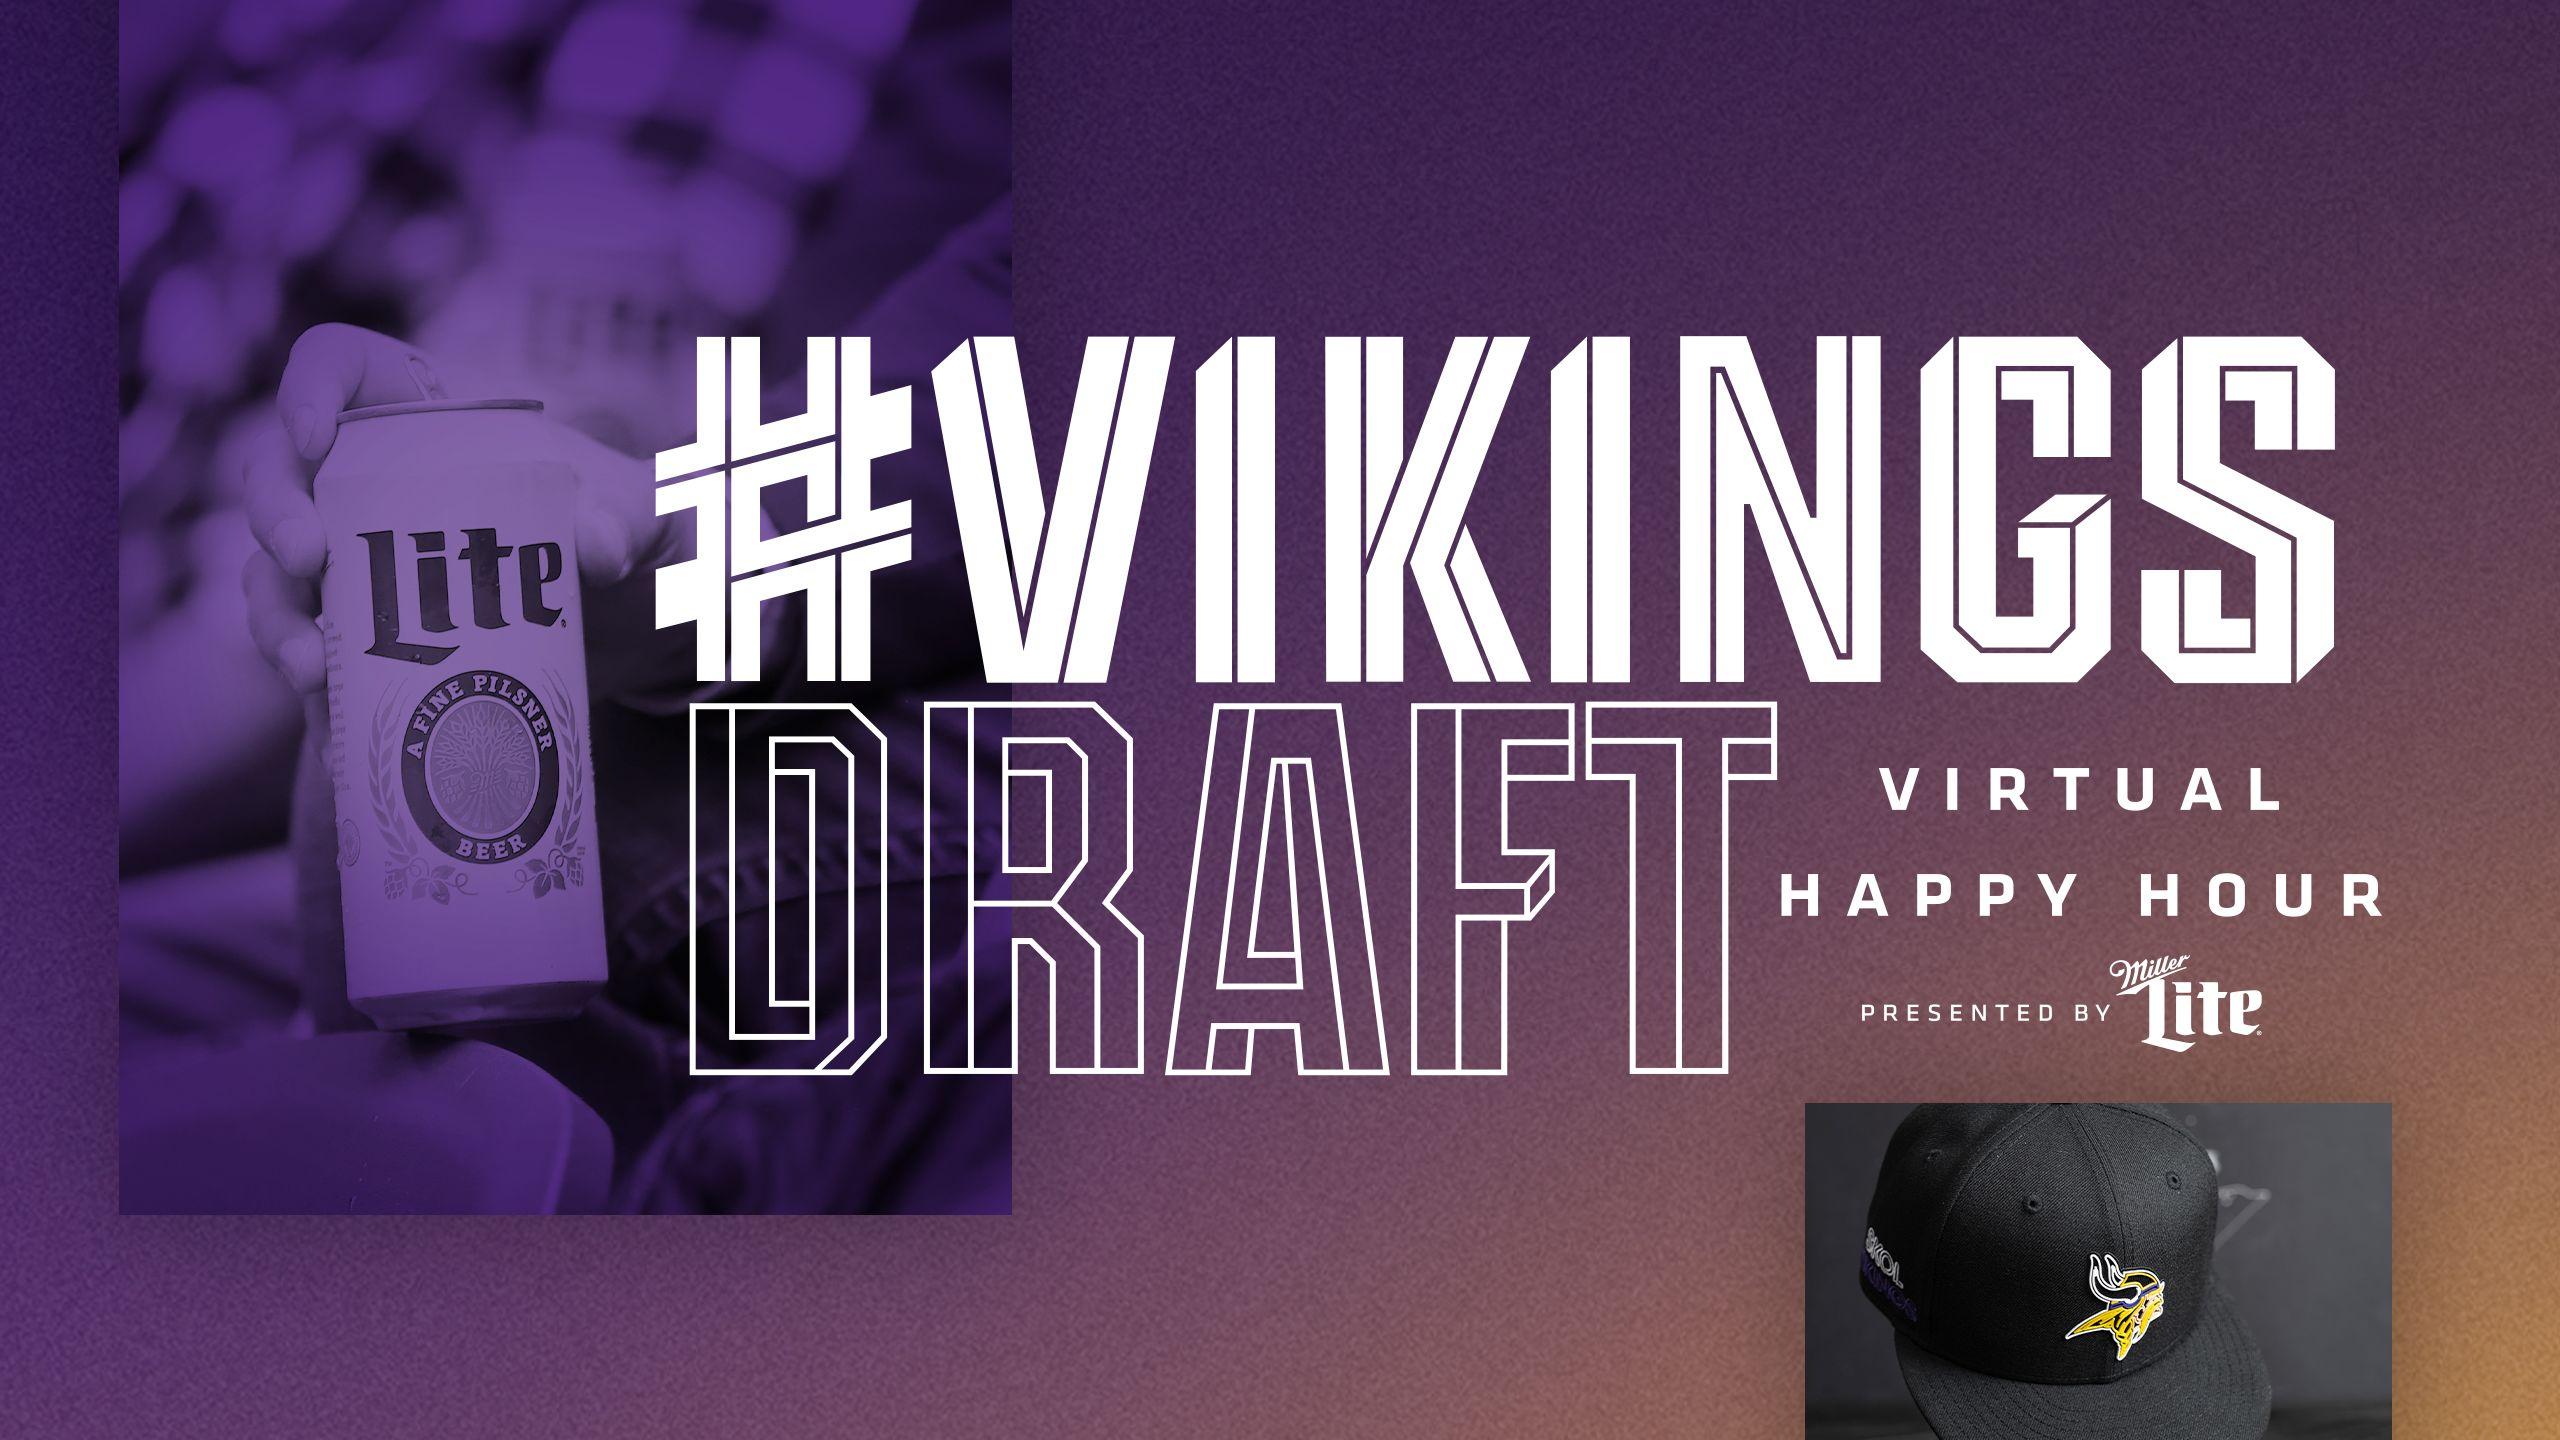 #VikingsDraft Virtual Happy Hour